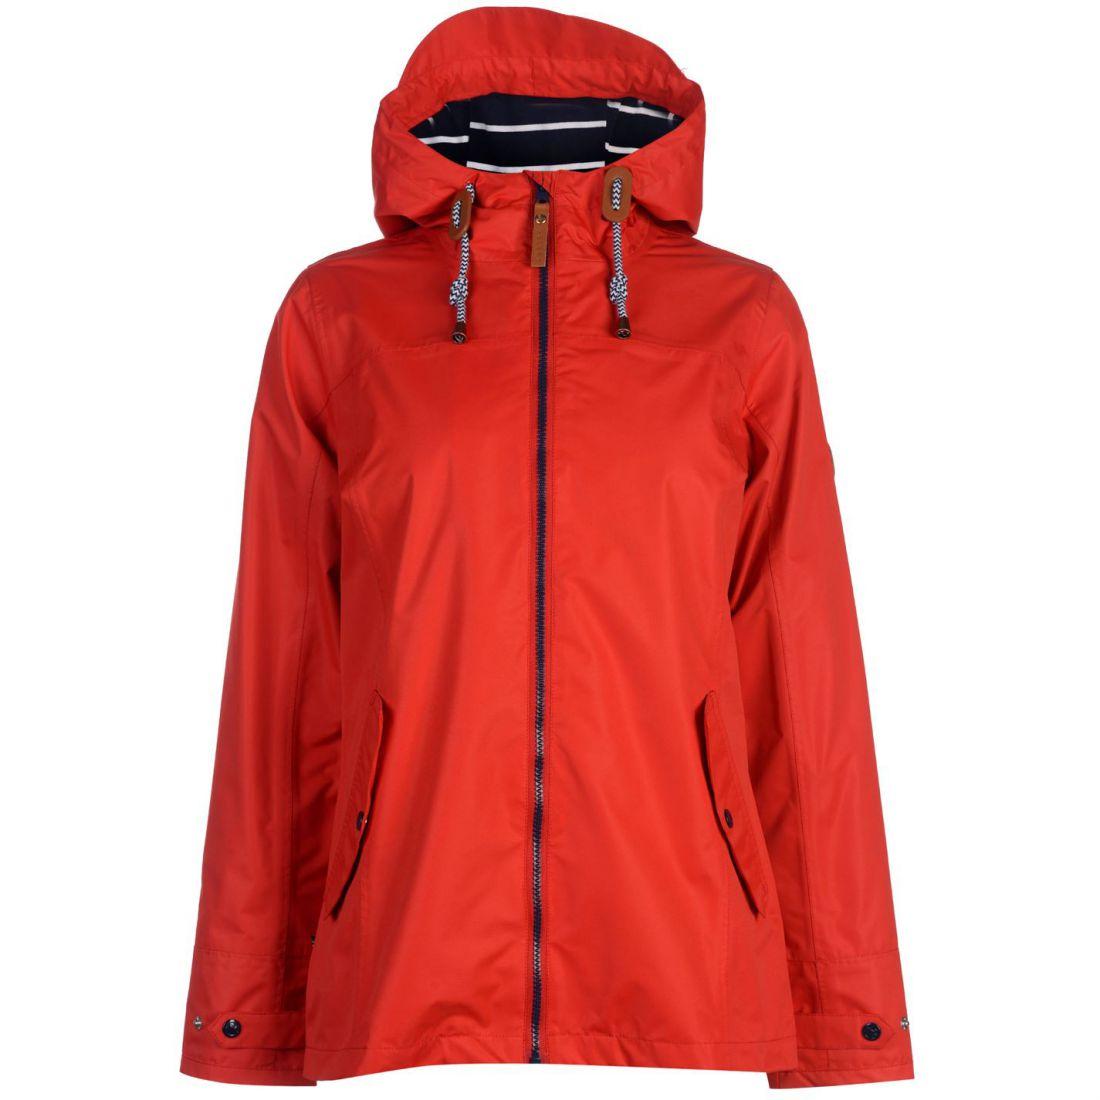 c8044bc3a570 Gelert Coast Water Repellent Jacket Ladies Coat Top High Neck Hooded ...